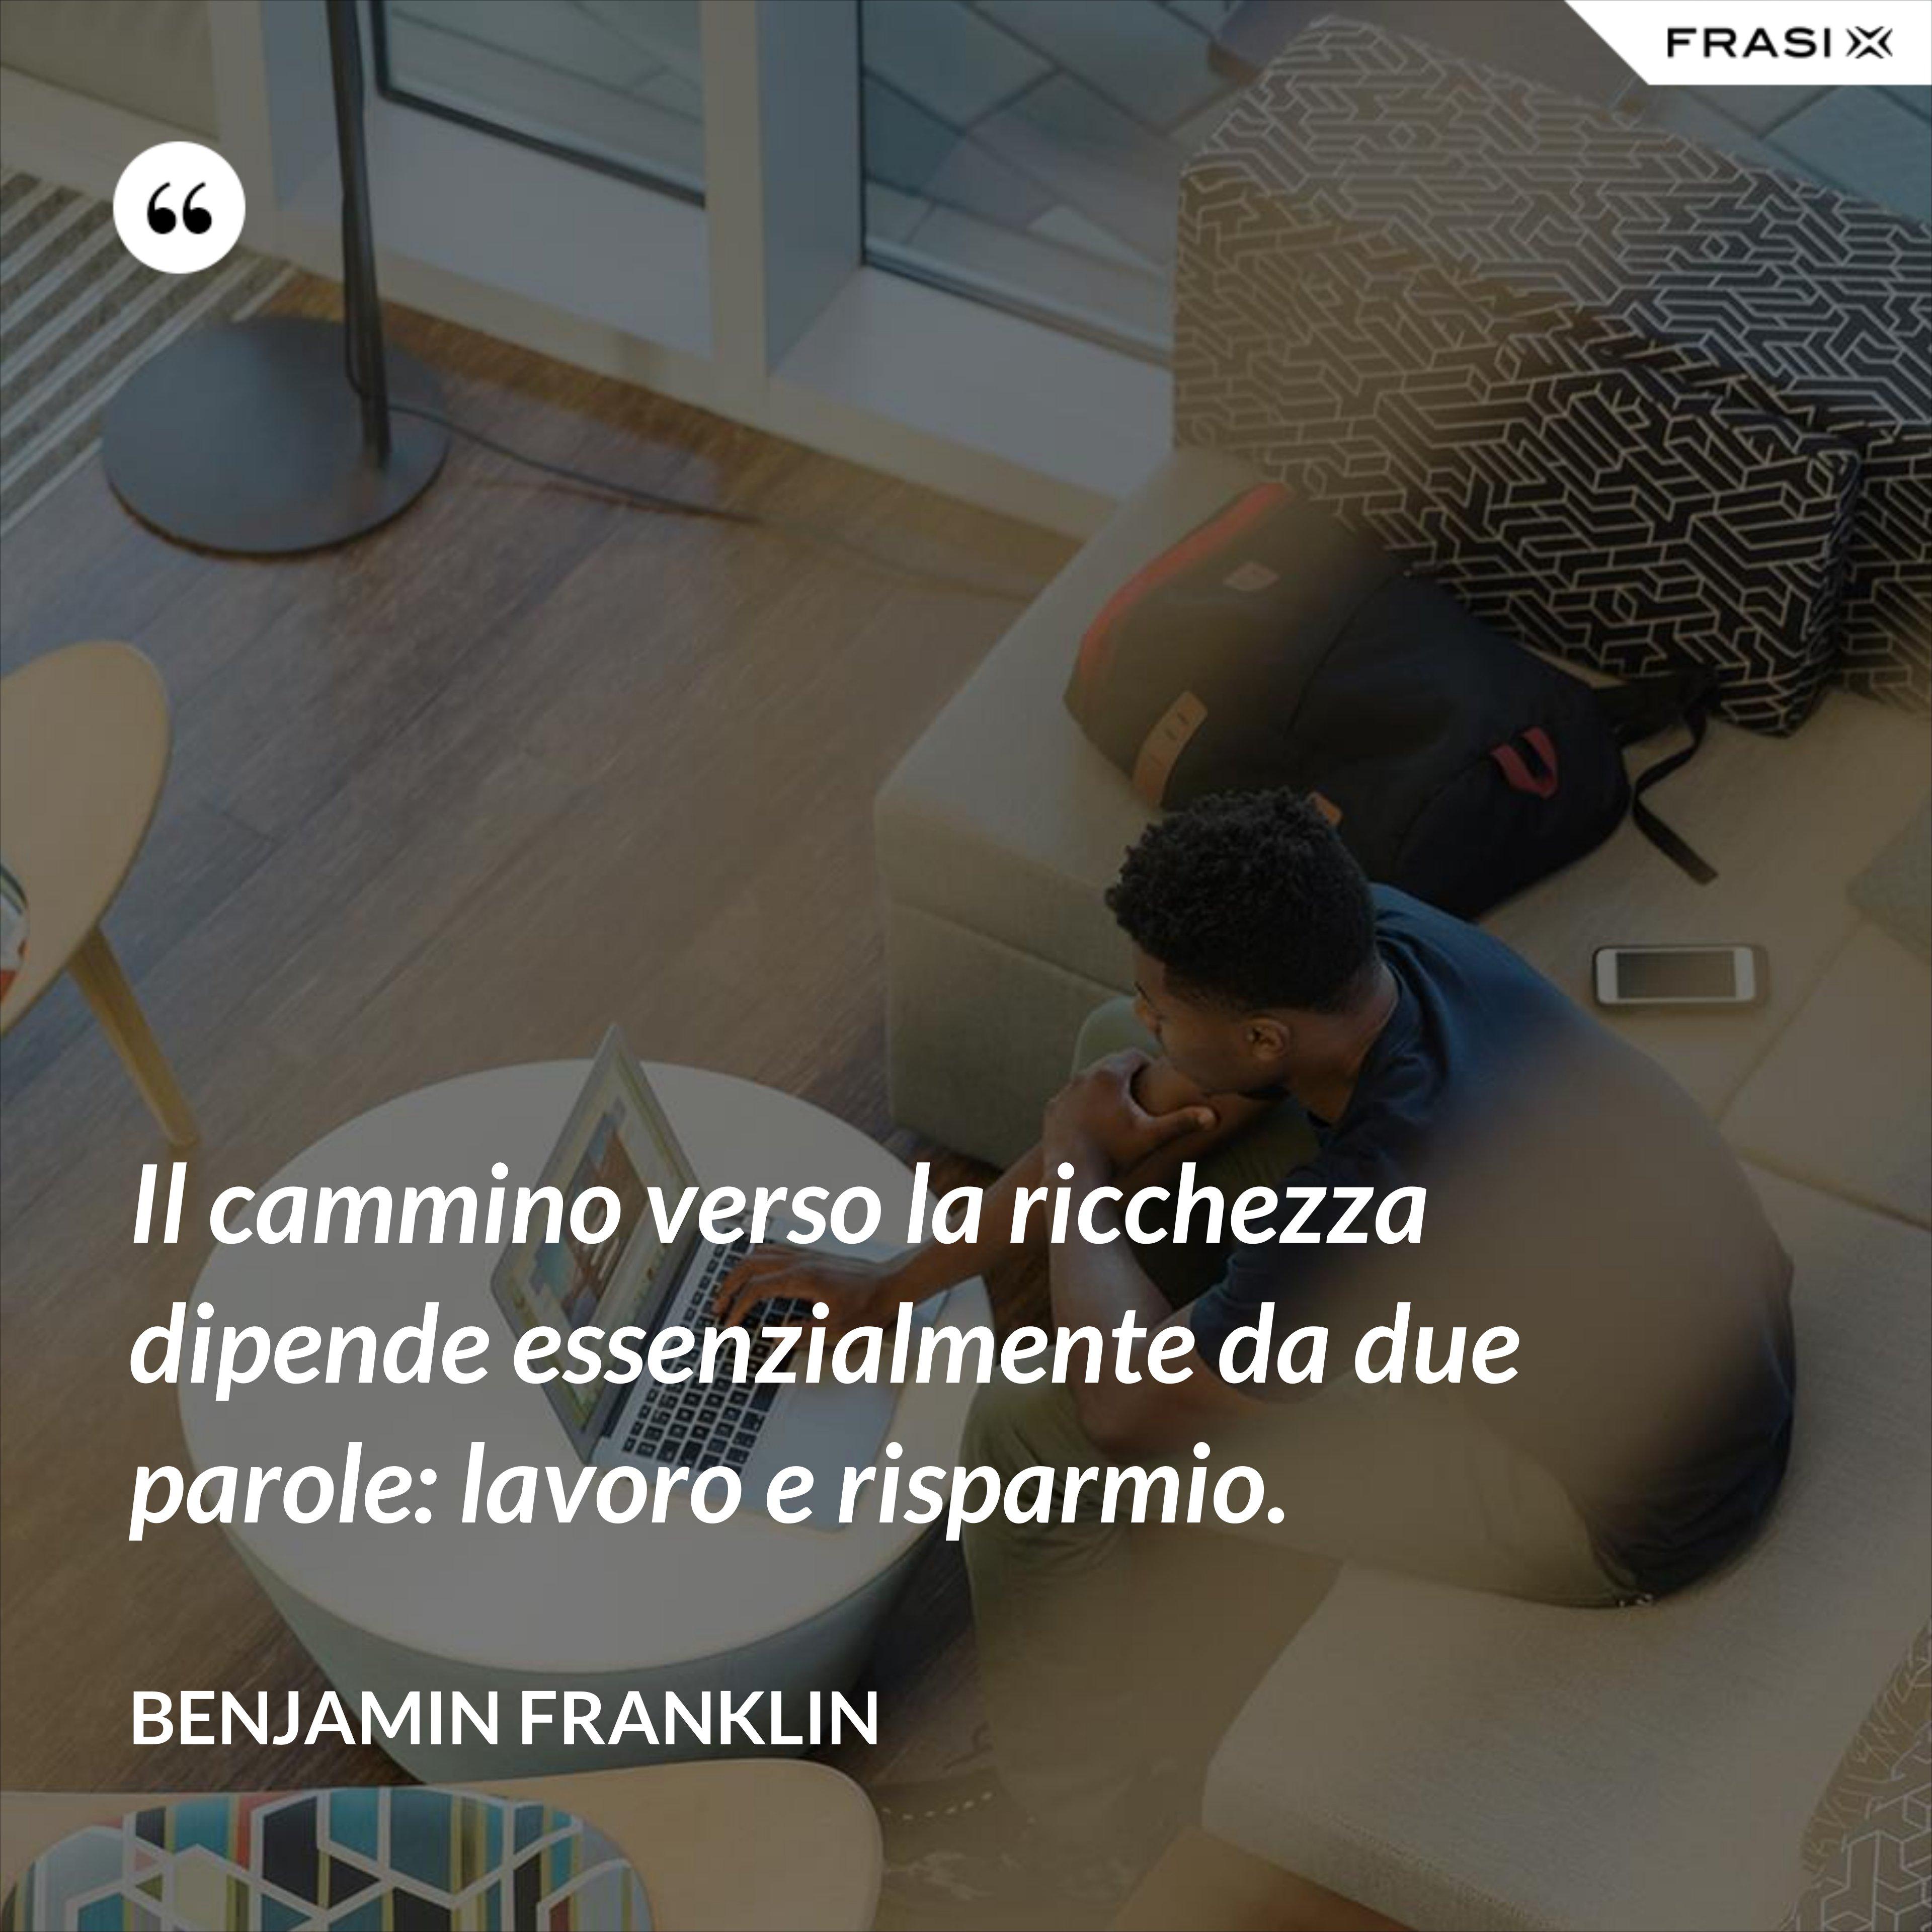 Il cammino verso la ricchezza dipende essenzialmente da due parole: lavoro e risparmio. - Benjamin Franklin